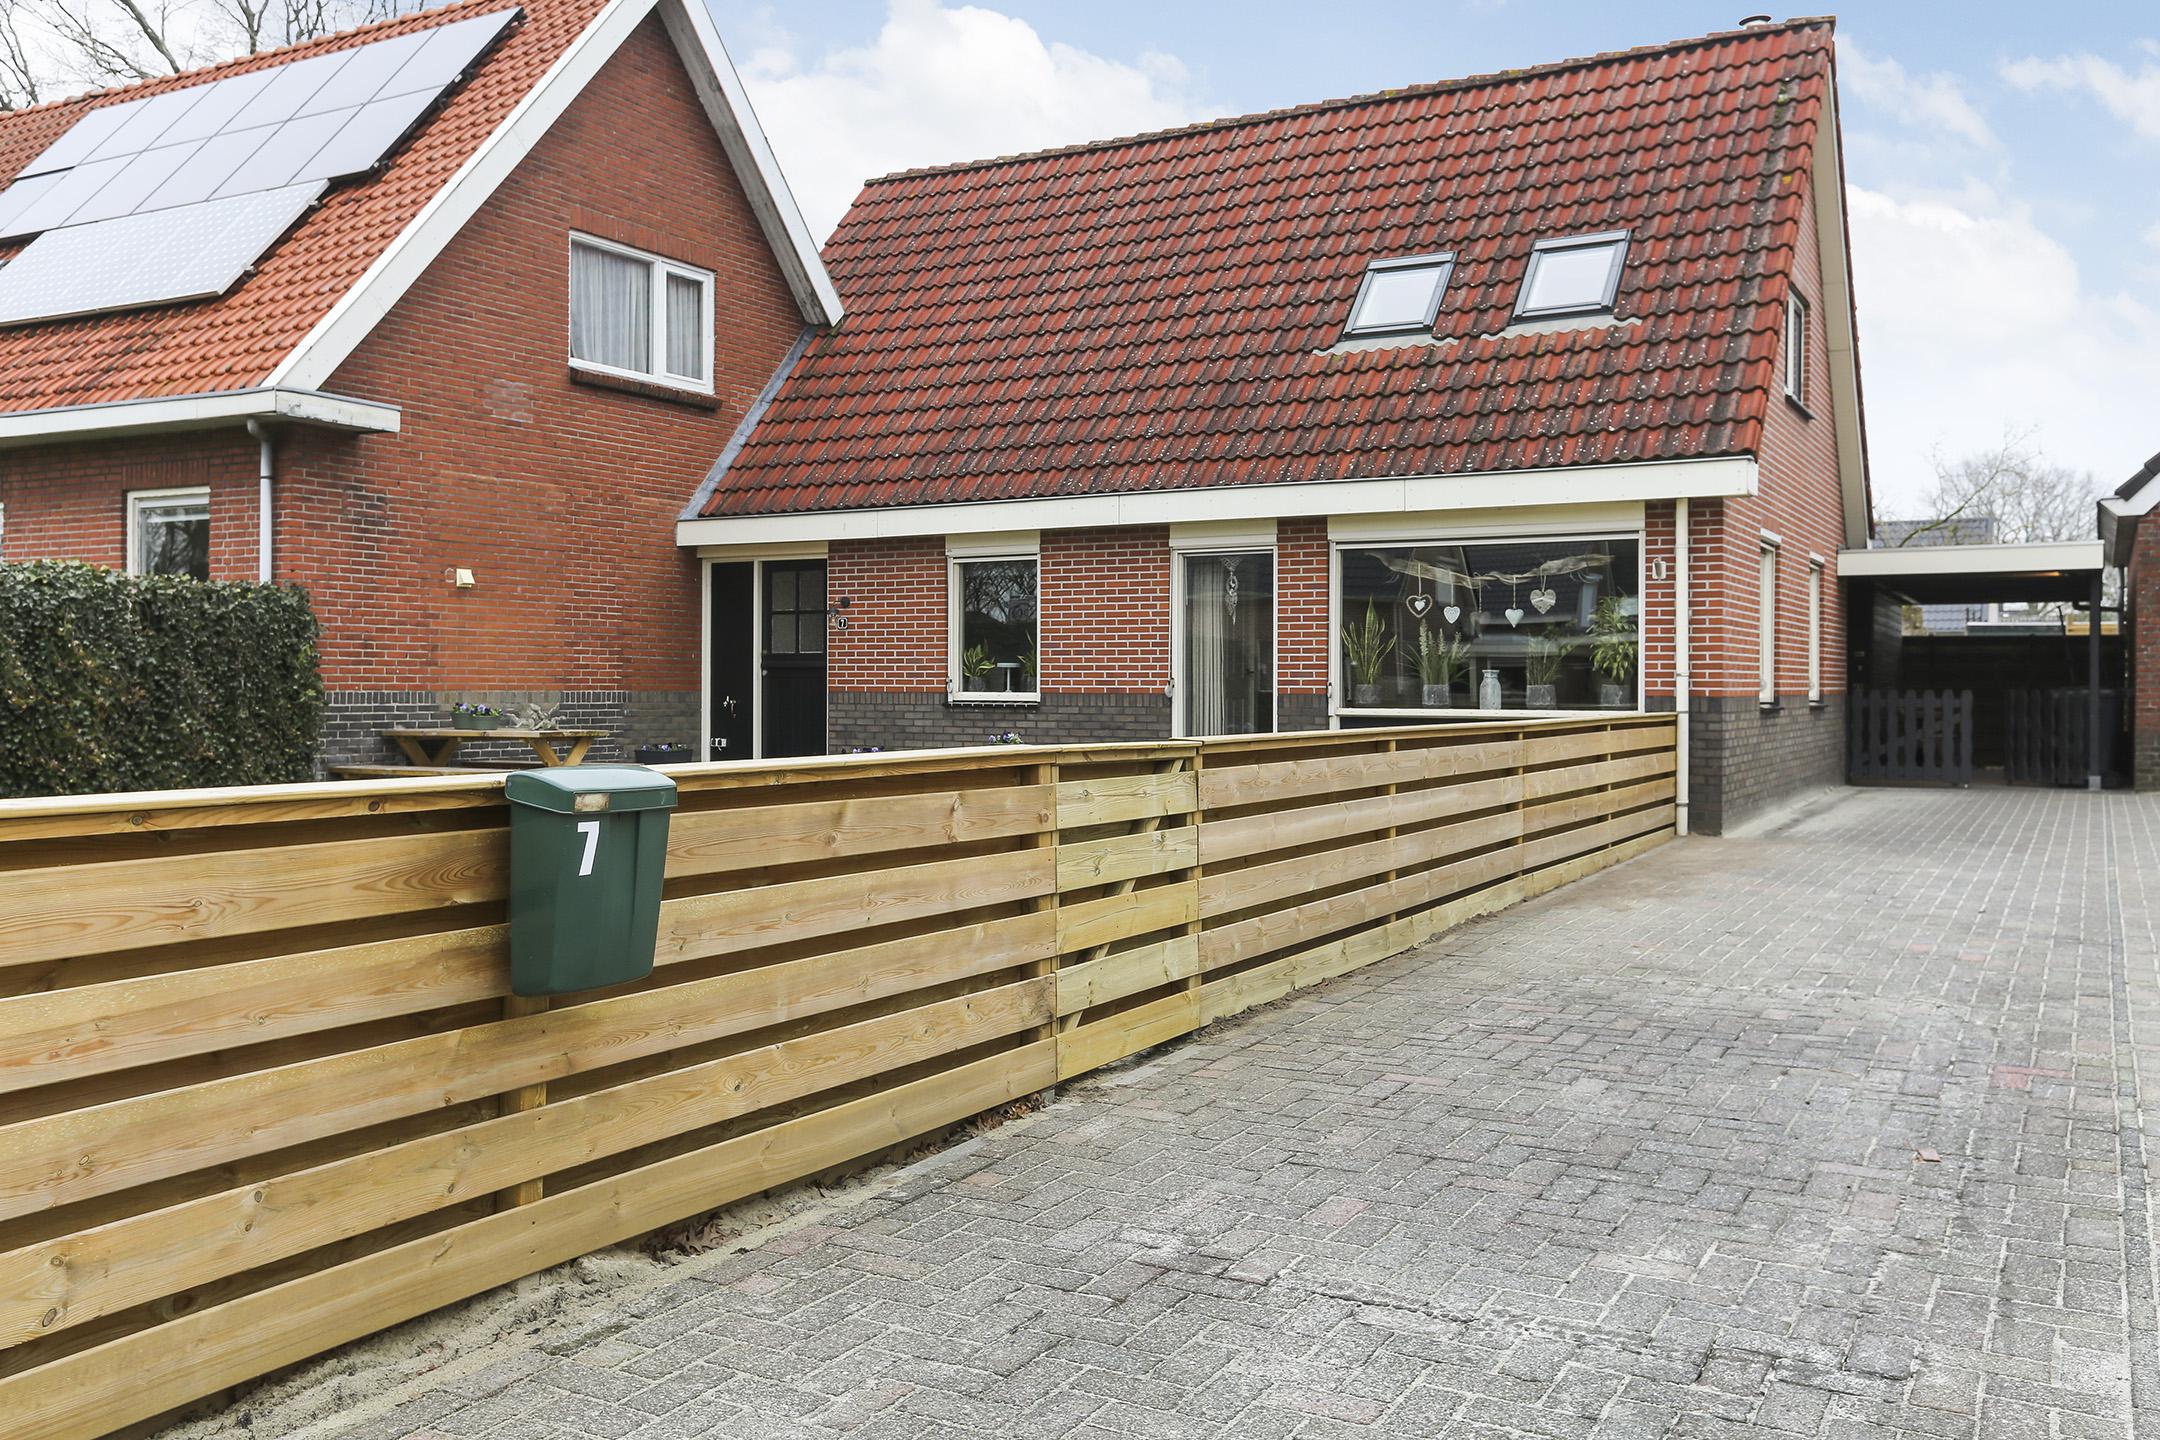 Smidshof 7 Nieuw-Dordrecht